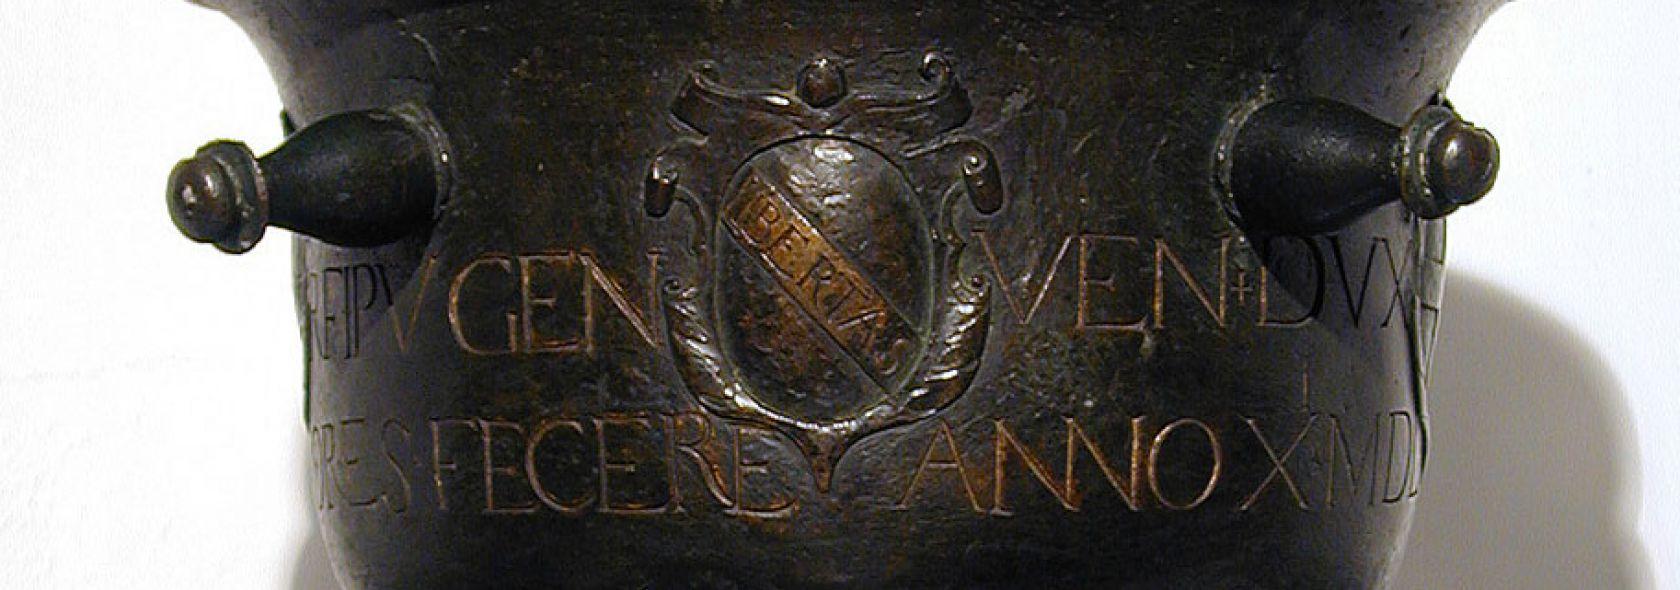 Palazzo Tursi - Staio per grano in bronzo - © Musei di Strada Nuova